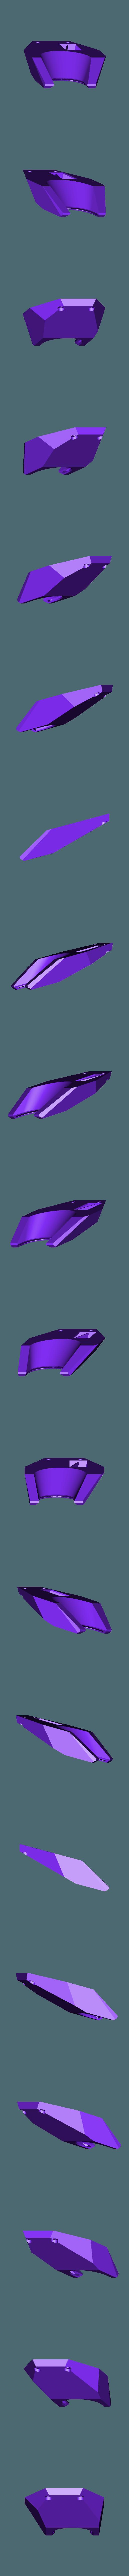 E3D_Mount_v2-6_ASYMMETRIC_DUCT.STL Télécharger fichier STL gratuit Monture basse pour grenouille poly (RigidBot E3D v6) • Design pour imprimante 3D, WalterHsiao